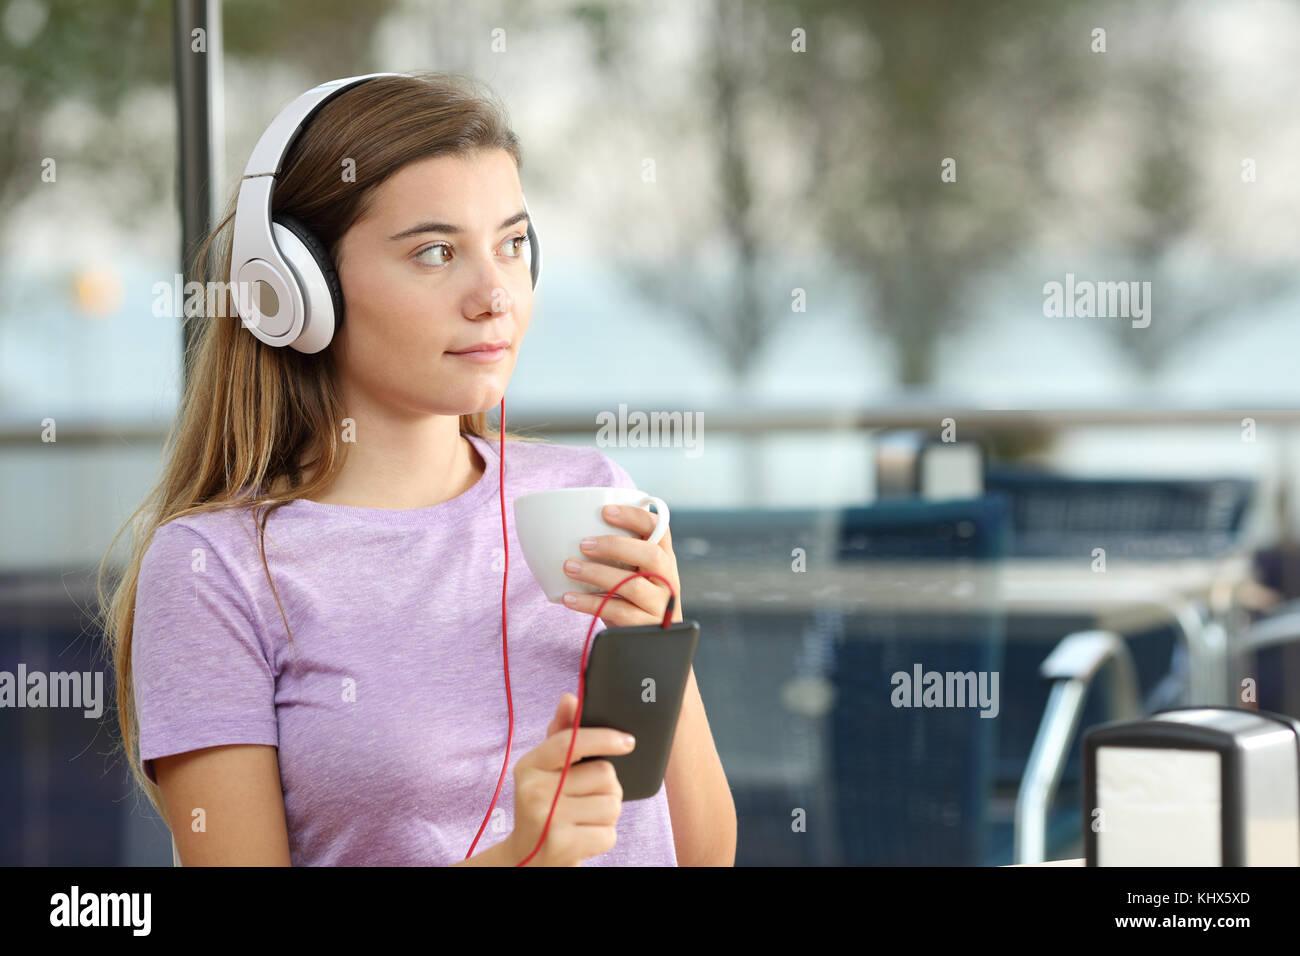 Grave adolescente ascoltando musica in possesso di una tazza di caffè e un telefono intelligente in un bar Immagini Stock